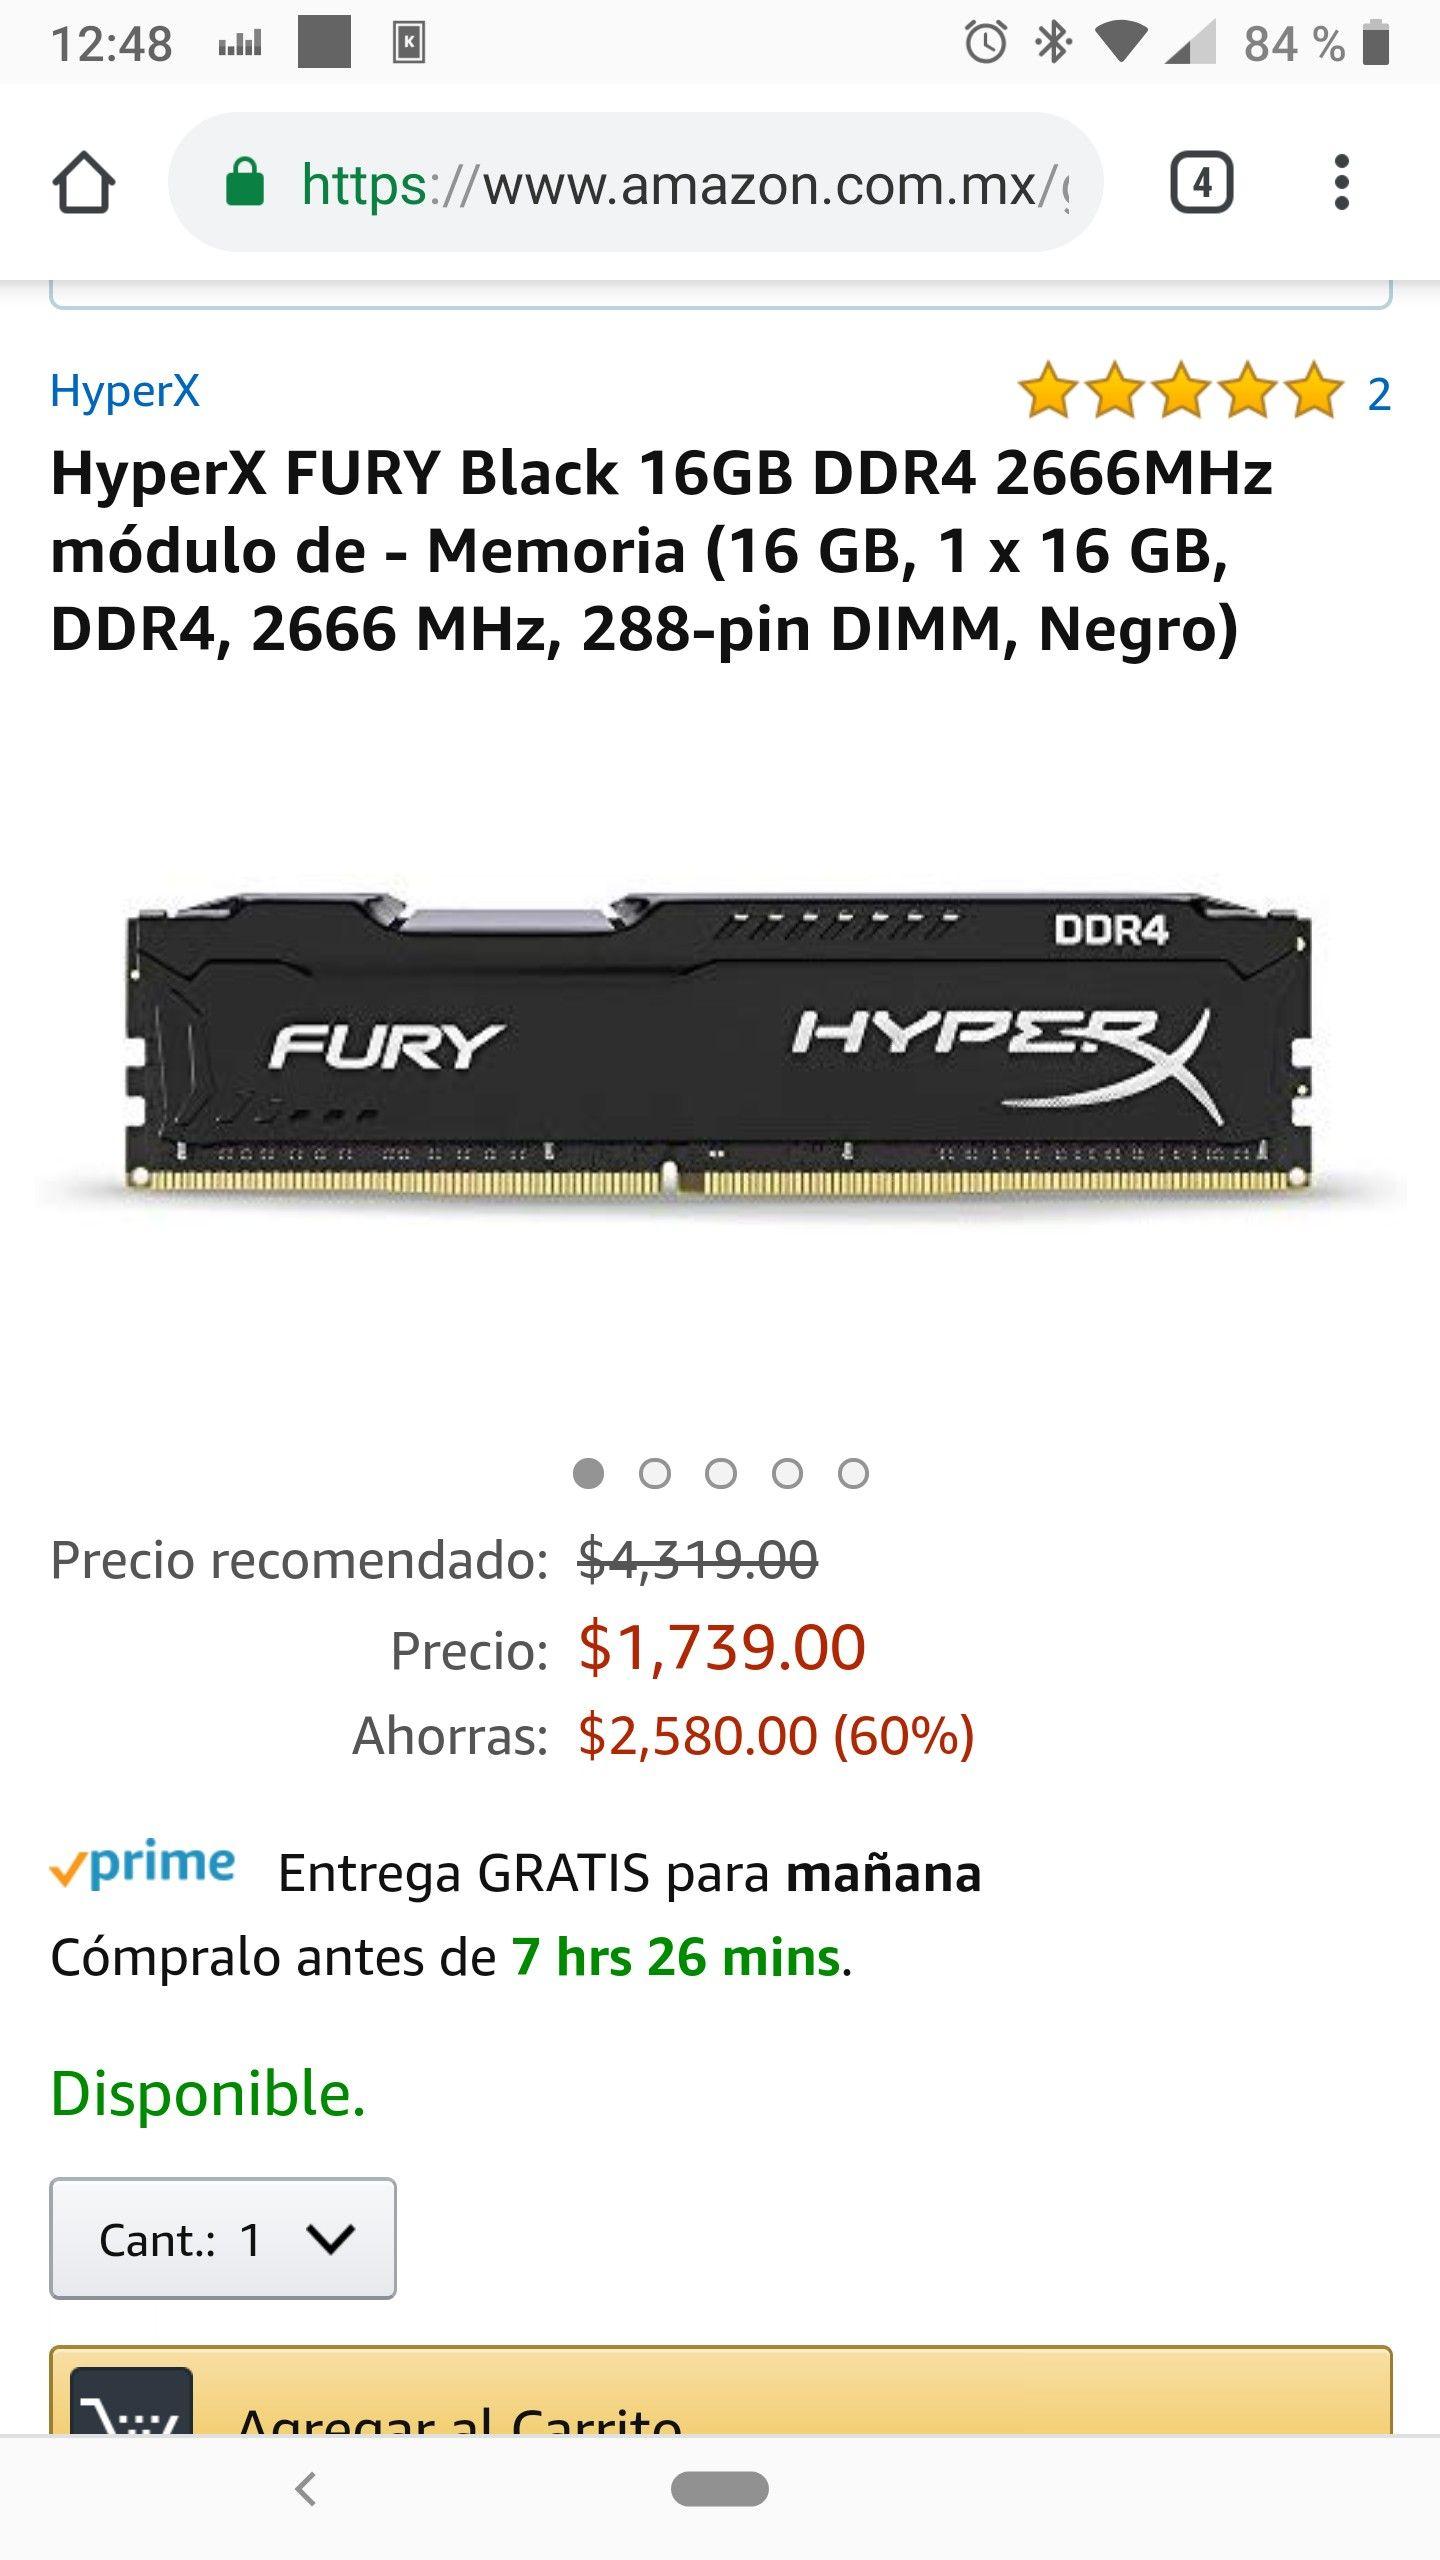 Amazon: Ram HiperX Fury ddr4 2666 16gb